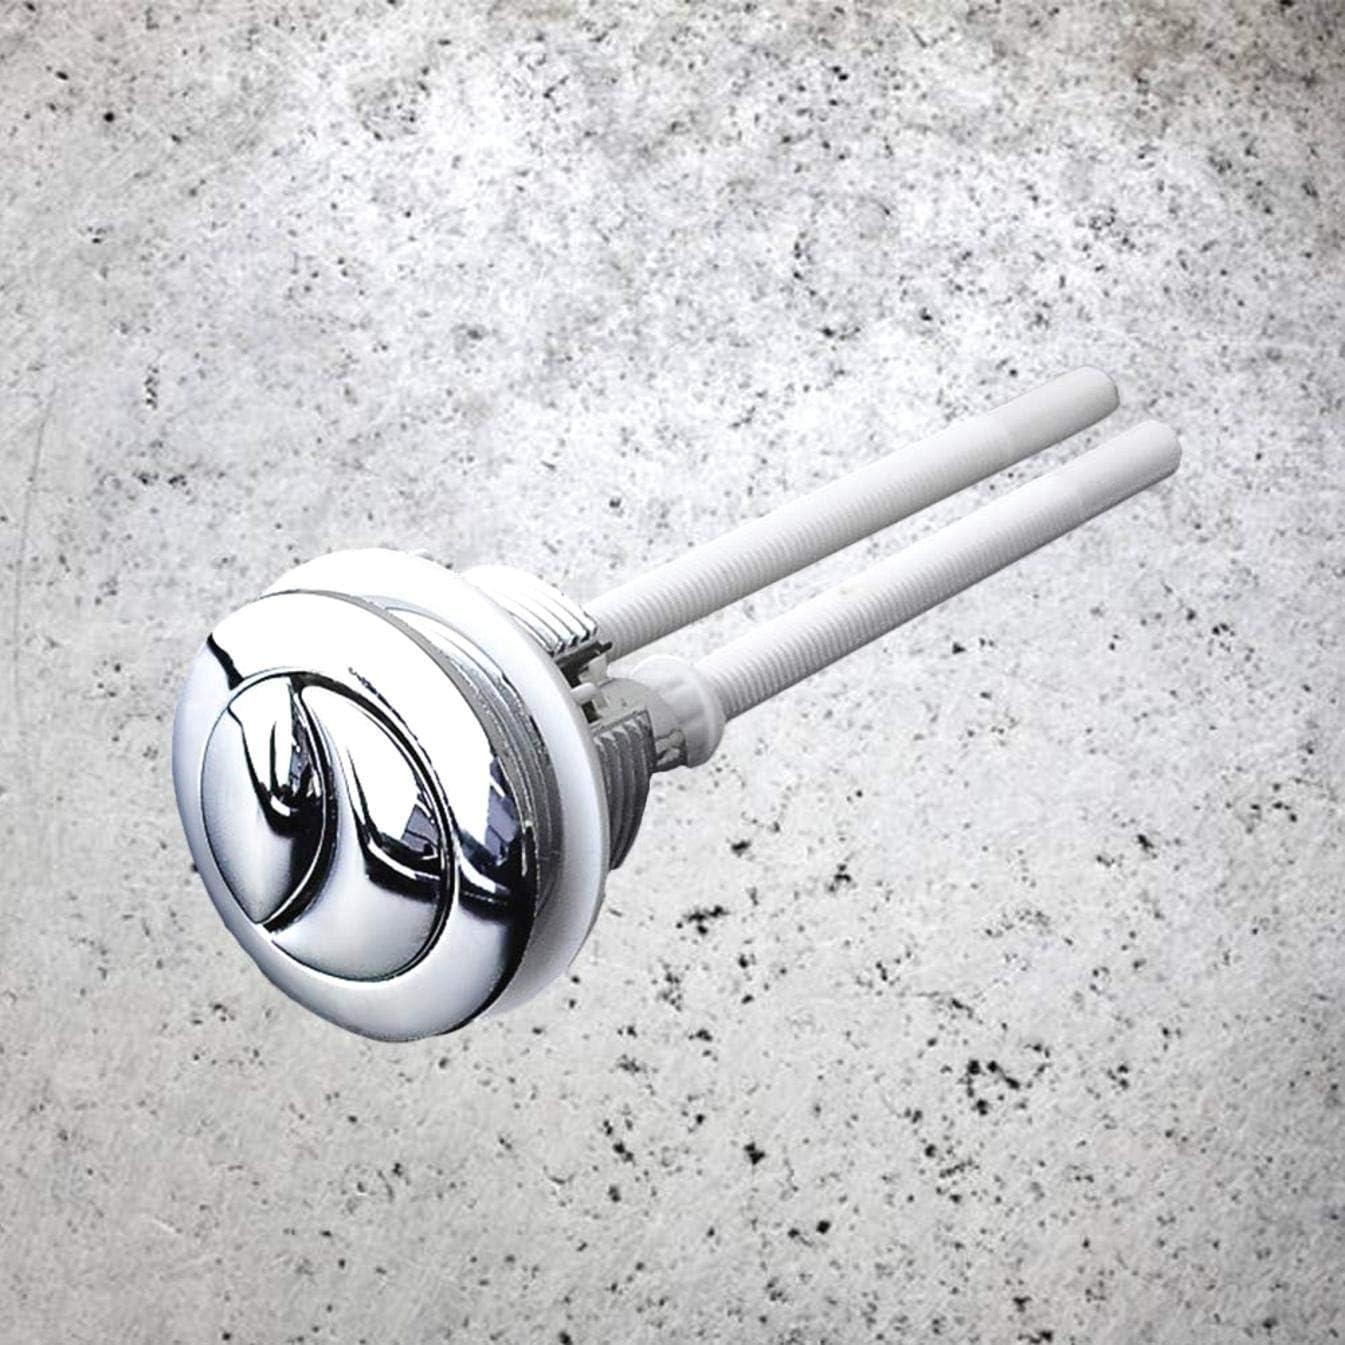 JK-2 38mm Dual Flush T/ête Ronde Bouton de R/éservoir De Toilette R/éservoir De Poussoir Boutons Galvanoplastie R/éservoir deau Valve Toilette WC